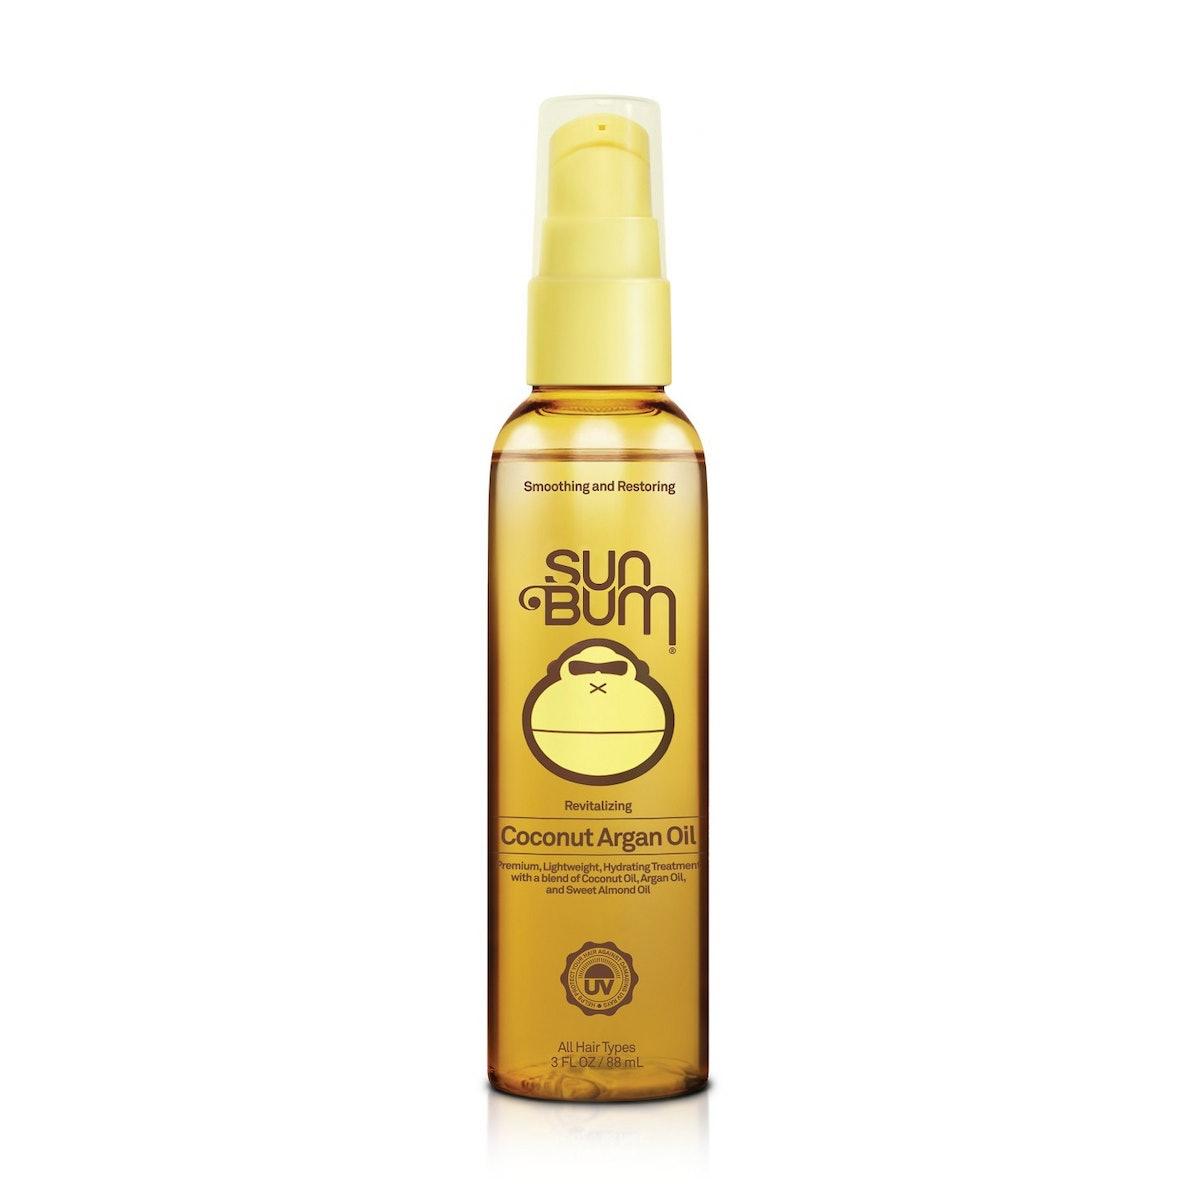 Sun Bum Revitalizing Coconut Argan Oil